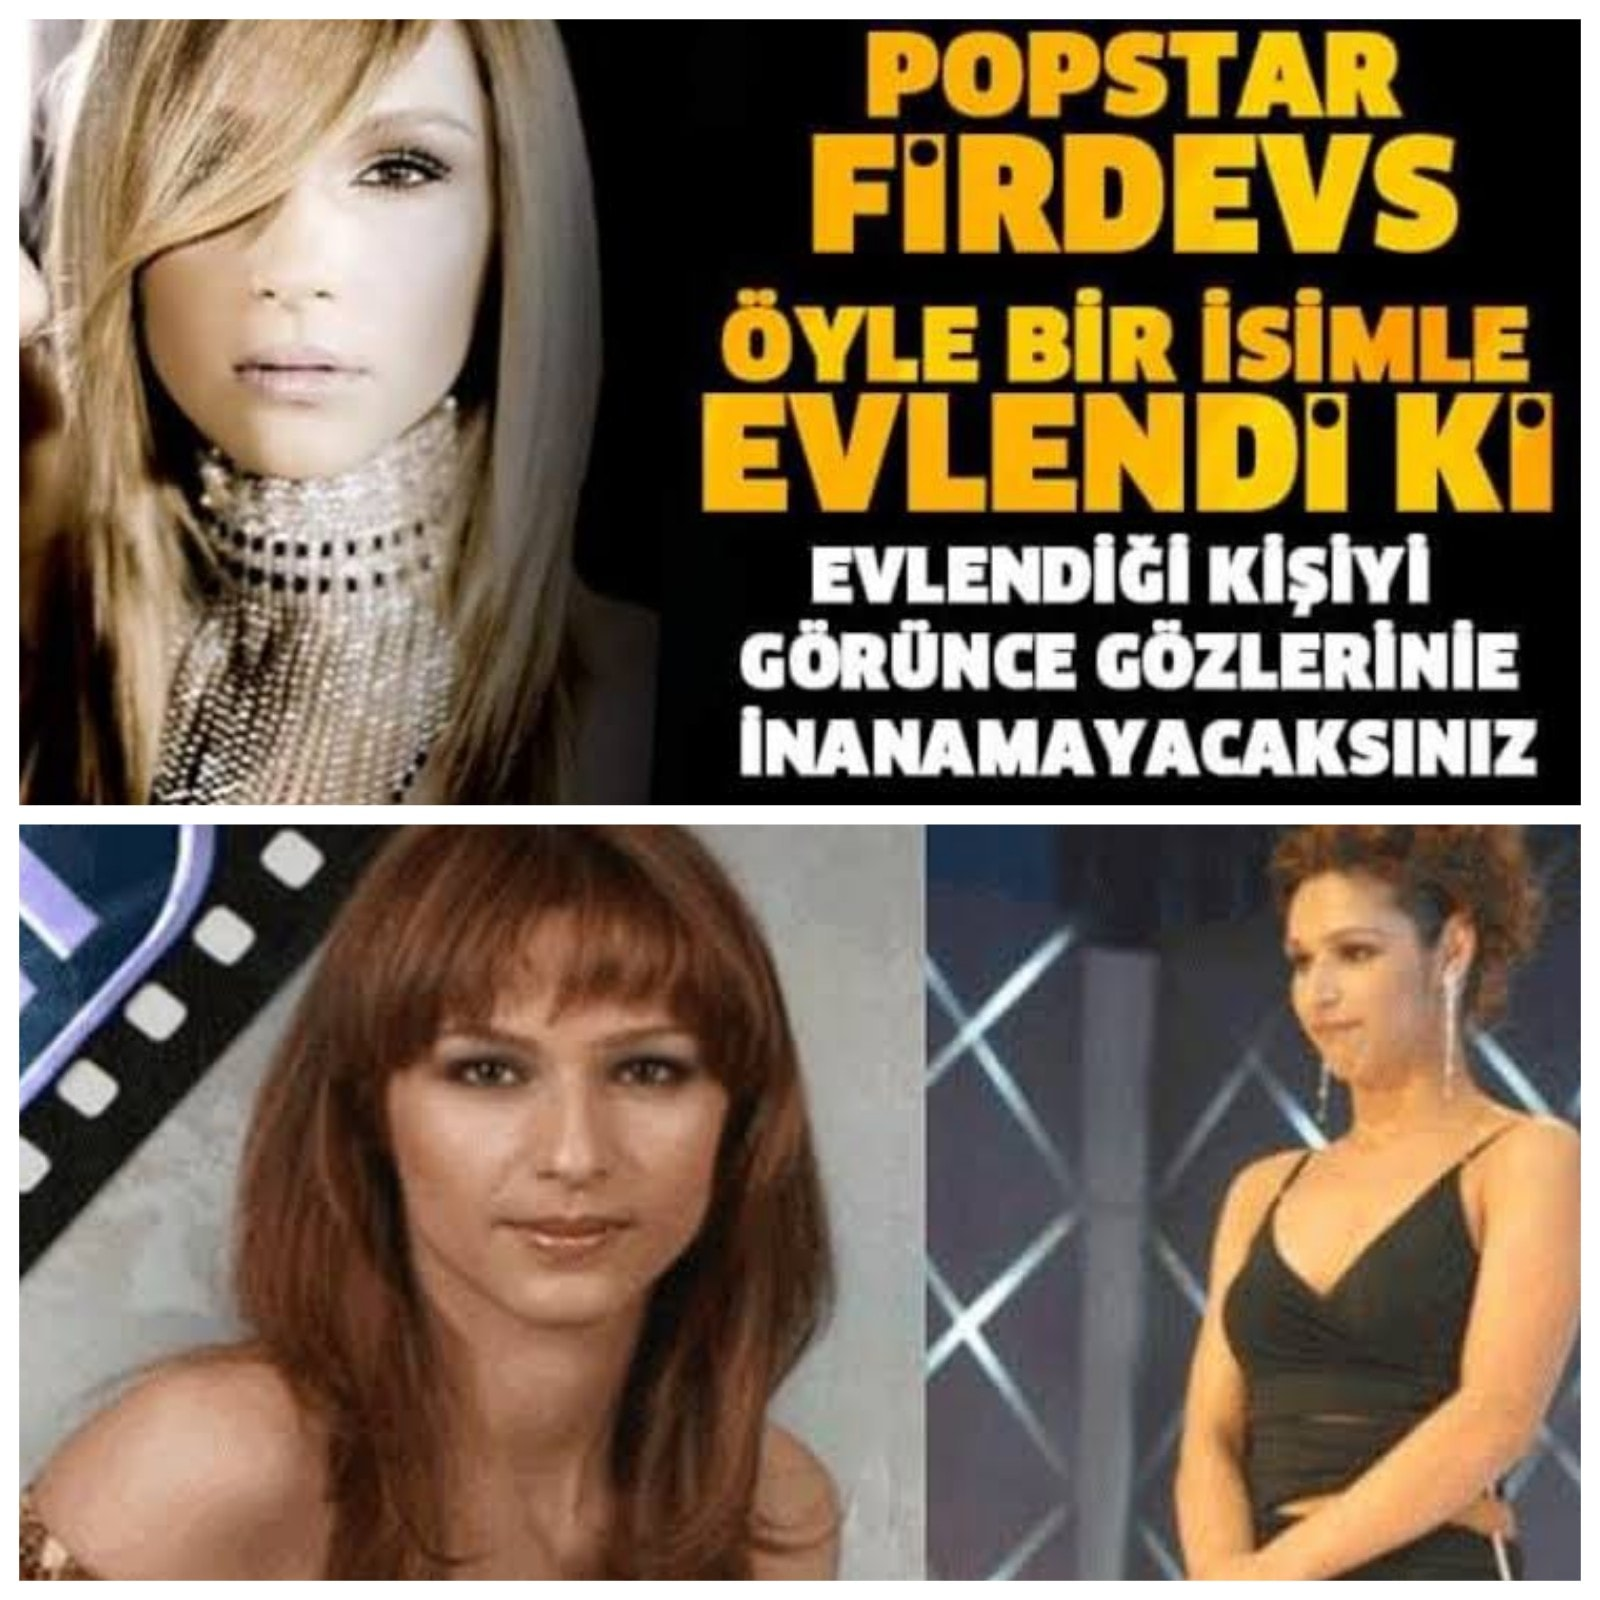 Popstar Firdevs şimdi ne yapıyor, kiminle evlendi?